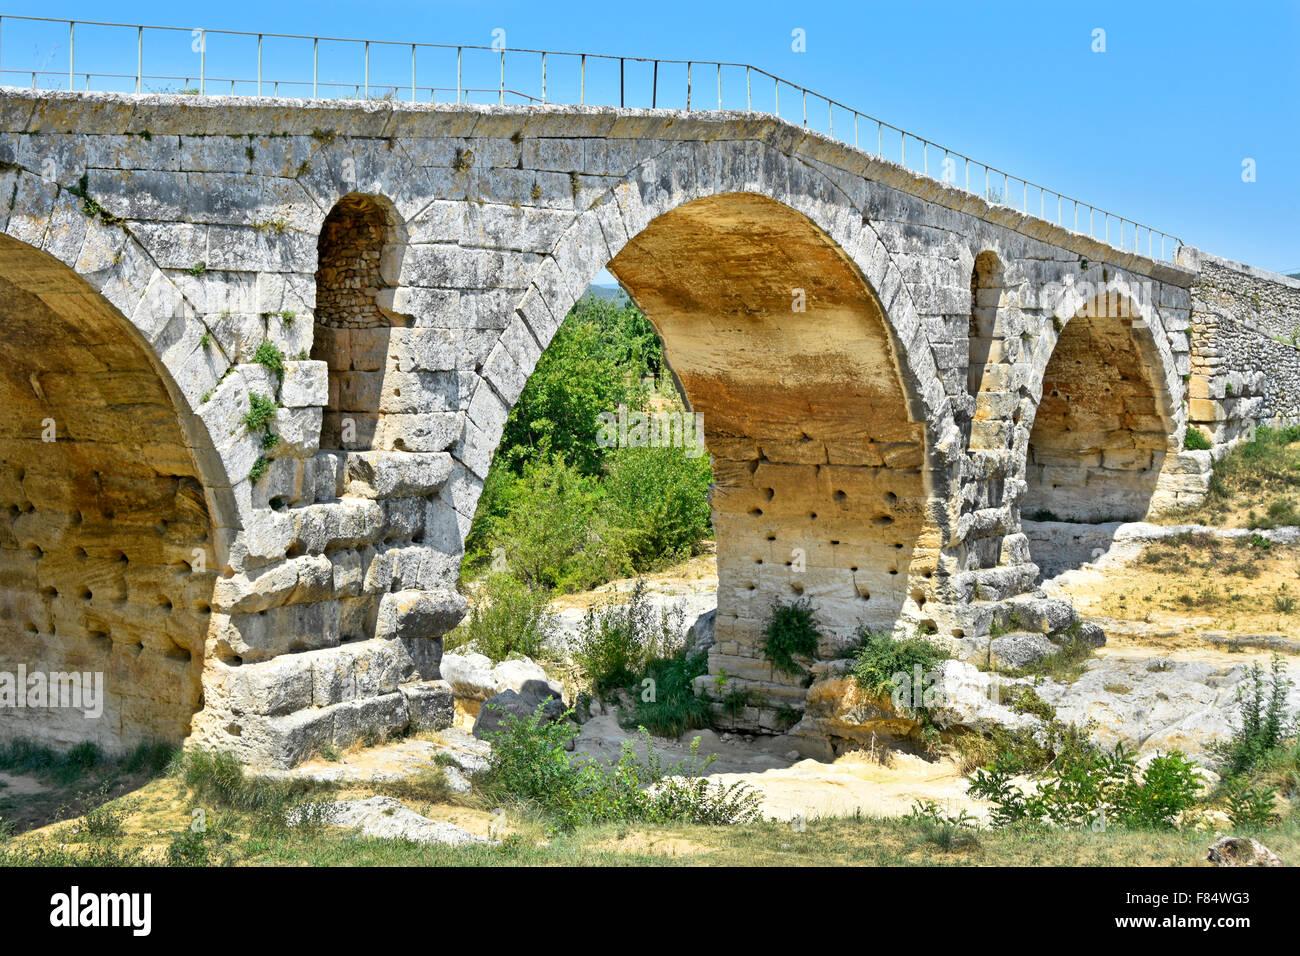 Roman Bridge French historic ancient monument stone arch bridge Pont Julien The Julien Bridge crossing the dried - Stock Image